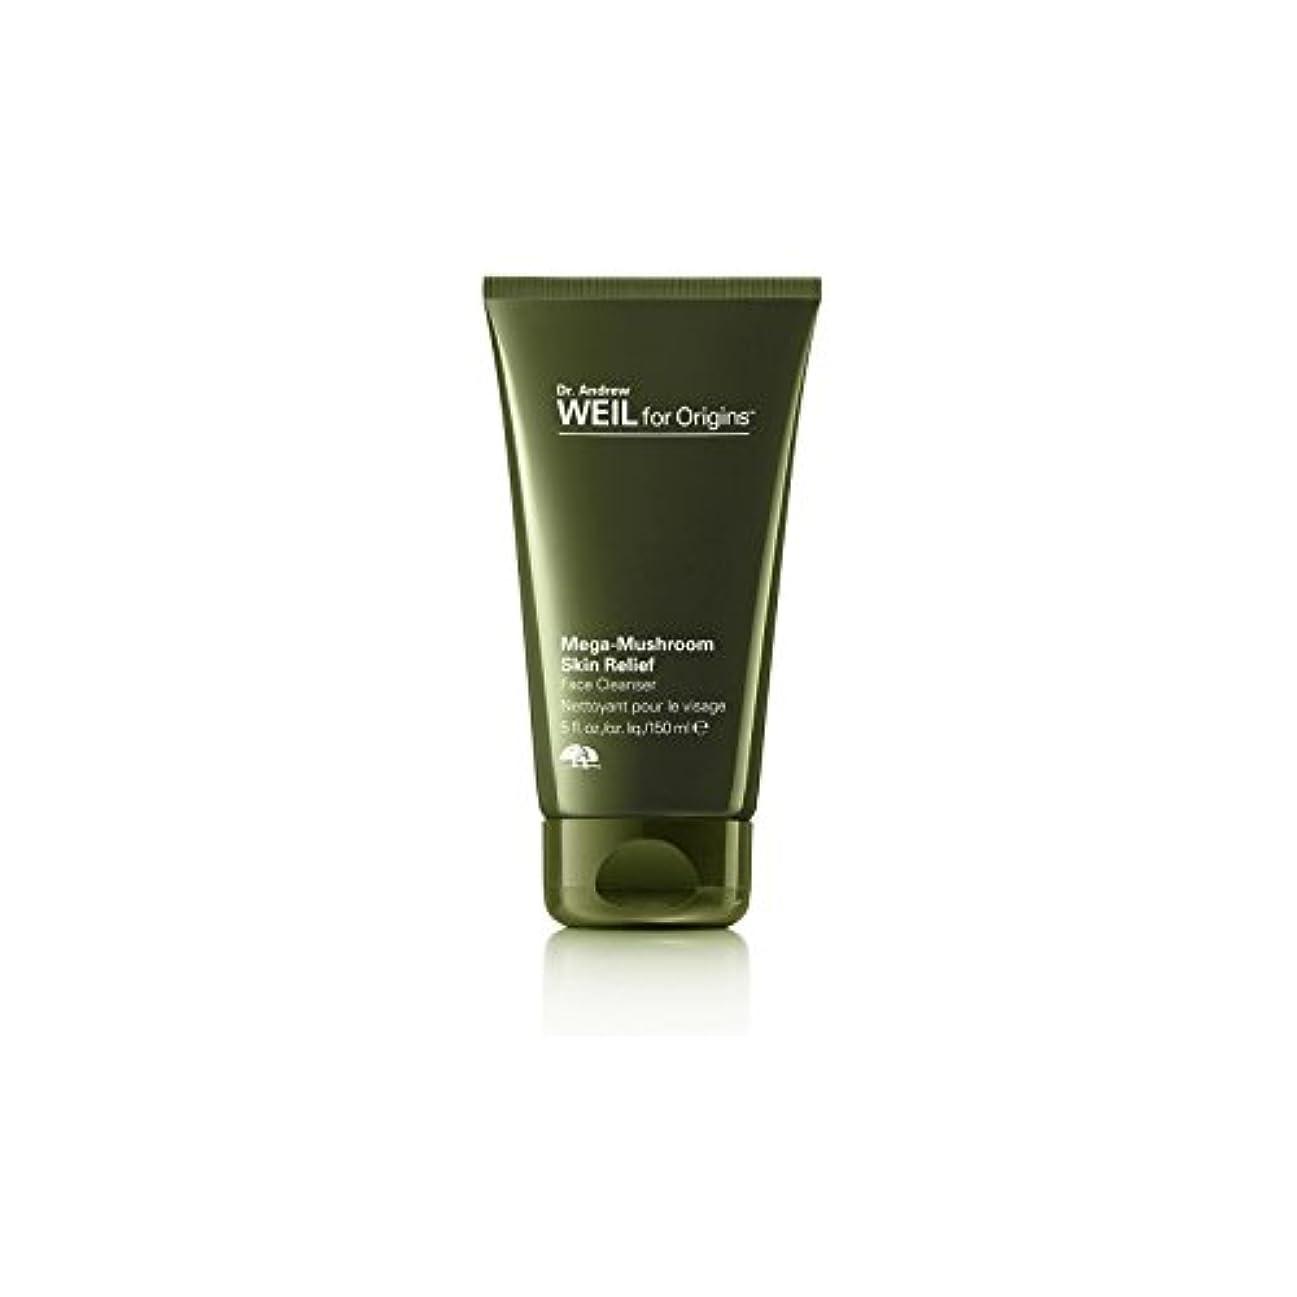 閉塞タイル思い出させるOrigins Dr. Andrew Weil For Origins Mega-Mushroom Skin Relief Face Cleanser 150ml - 起源アンドルー?ワイル起源メガキノコ皮膚救済顔クレンザー...